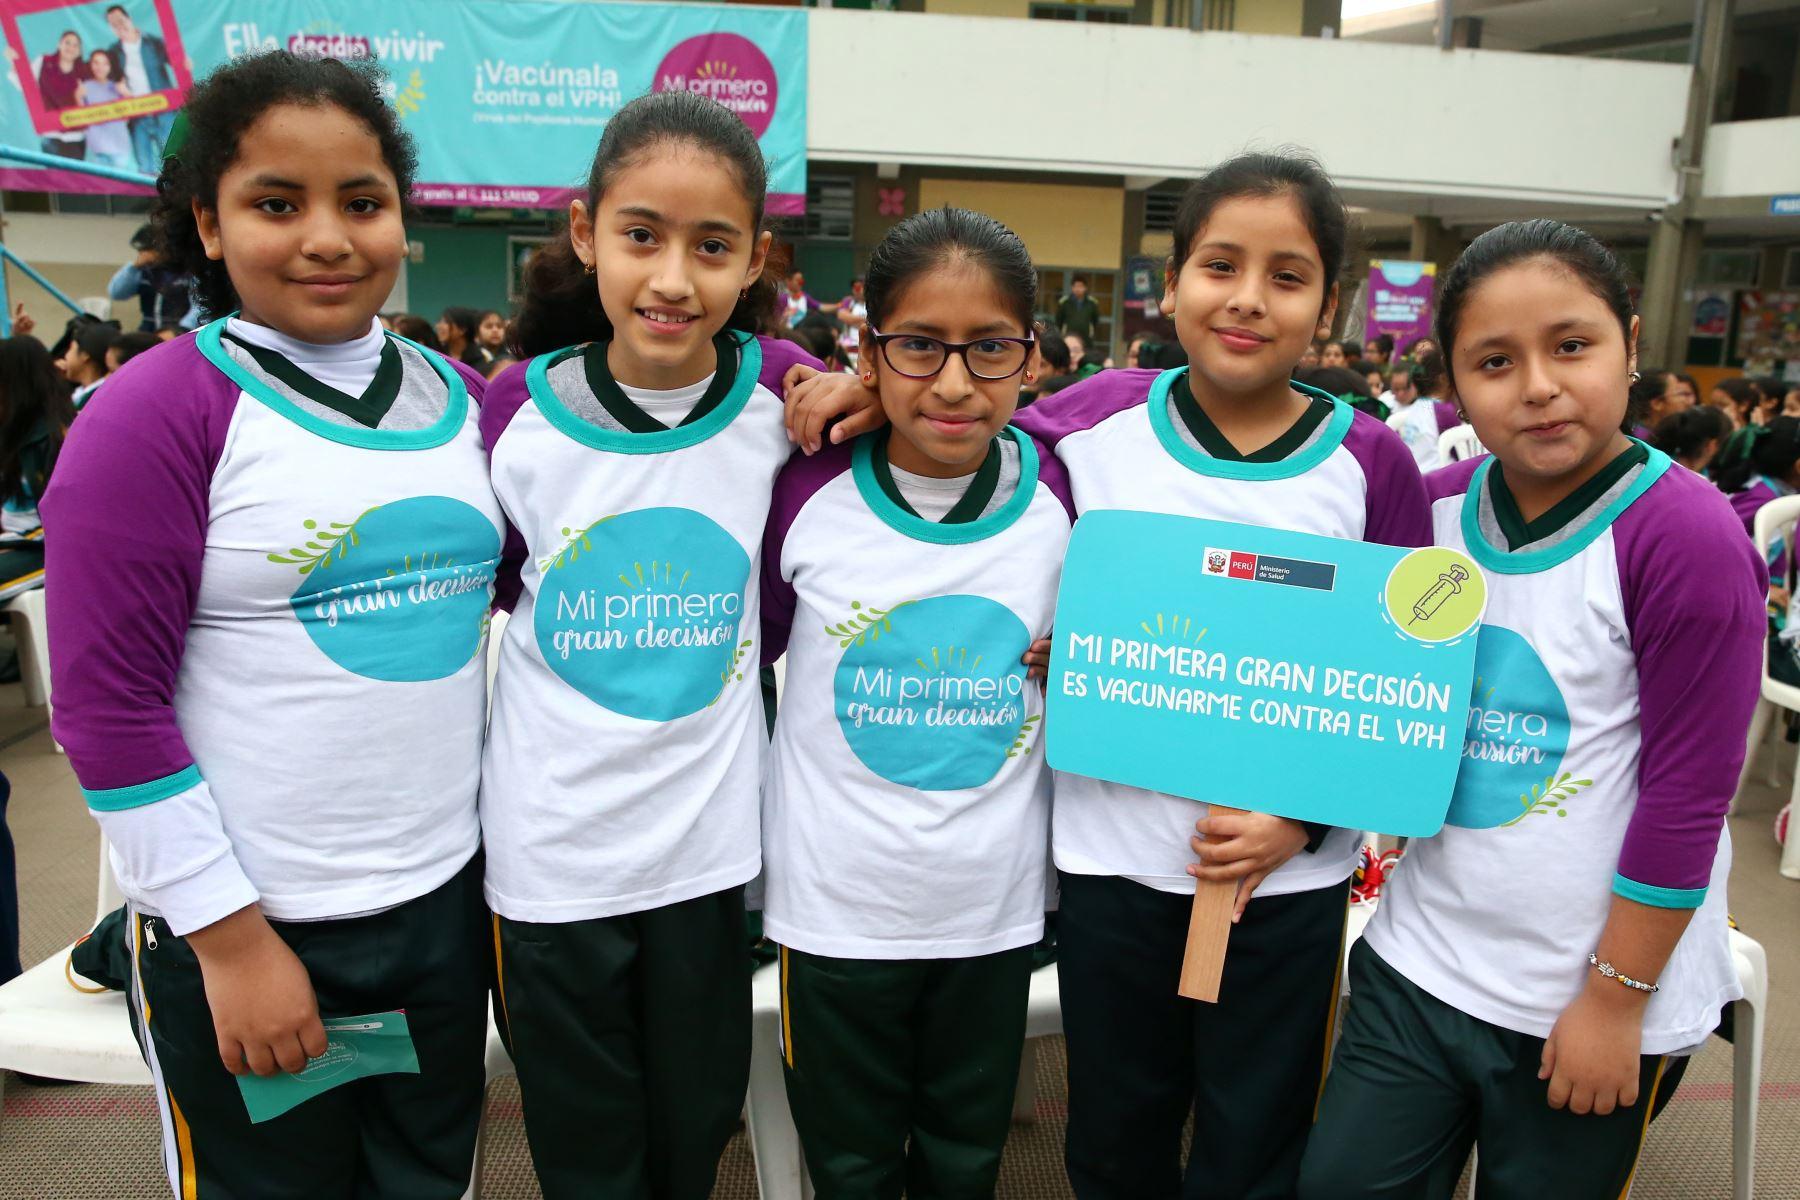 La Campaña Nacional de Vacunación contra el Papiloma Humano esta dirigida a niñas del 5º grado de educación primaria.  Foto: ANDINA/Melina Mejía